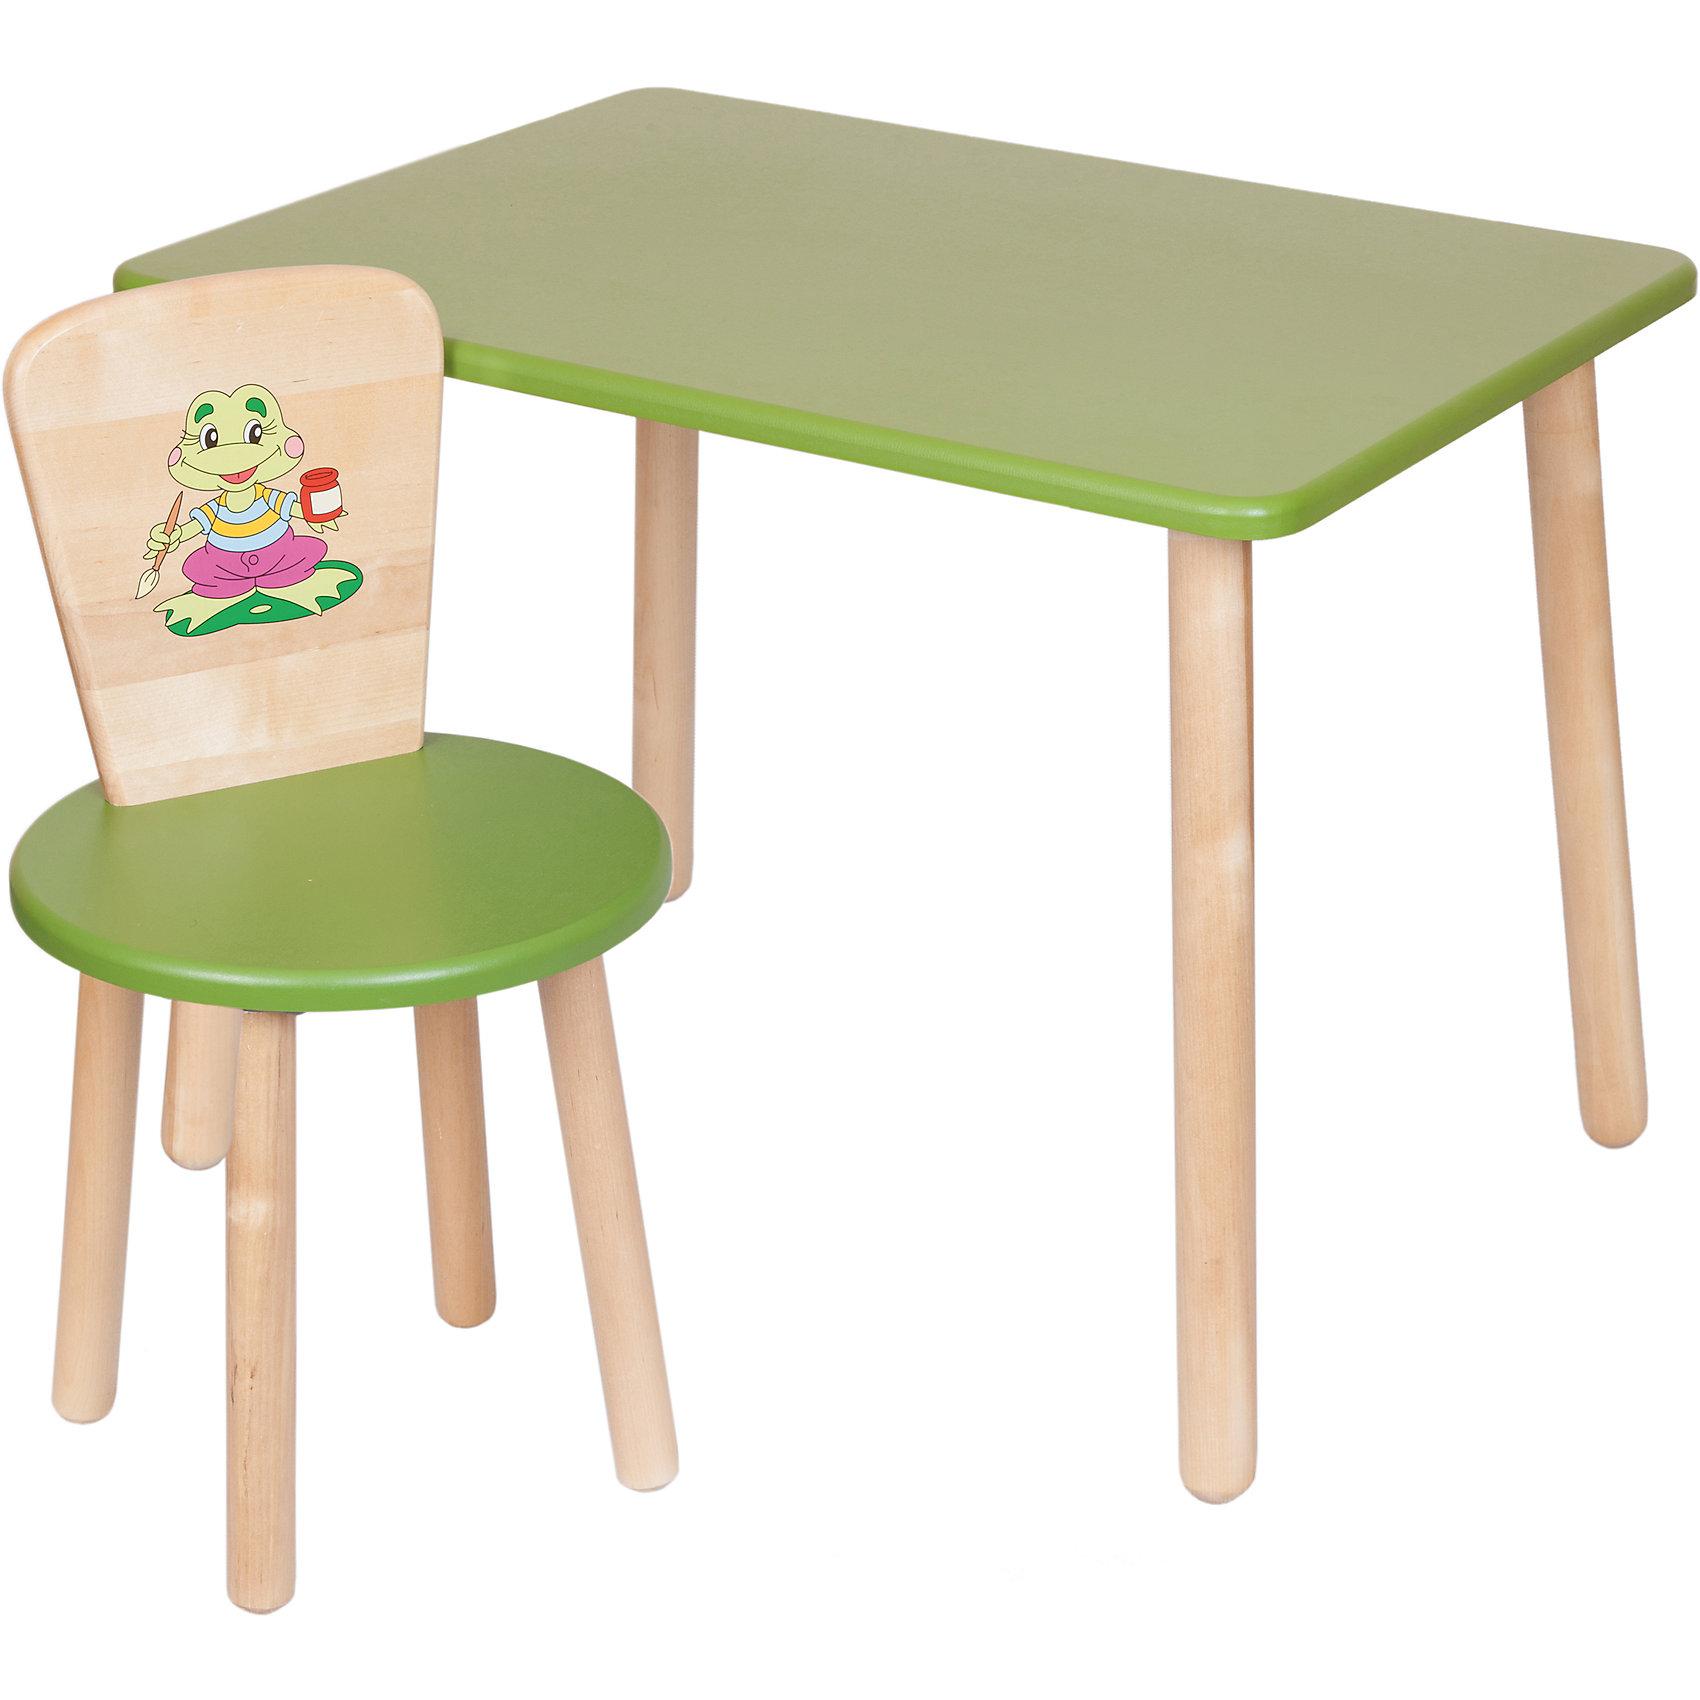 Набор: стол и стул, Русэкомебель, зеленыйДетские столы и стулья<br>Набор мебели Эко от известного производителя Русэкомебель - практичный и красивый комплект, состоящий из стола и стула. Яркая мебель прекрасно впишется в интерьер детской и обязательно понравится вашему ребенку. Стул и стол не имеют острых углов, которые могут травмировать малышей. Гладкая поверхность столешницы и сиденья позволяет легко устранять любые загрязнения. Стол прямоугольной формы идеально подойдет для занятий, игр и творчества. Набор выполнен из высококачественных материалов, раскрашен безопасными, экологичными и нетоксичными красителями. <br><br>Дополнительная информация:<br><br>- Комплектация: стол, стул.<br>- Материал: дерево (береза), МДФ.<br>- Не имеет острых углов. <br>- Размер столешницы: 45x60 см. <br>- Высота стола: 52 см.<br>- Диаметр стула: 31 см. <br>- Высота стула: 57 см.<br>- Высота стула (от пола до сиденья): 32 см.<br><br>Набор мебели Эко № 1, зеленый, можно купить в нашем магазине.<br><br>Ширина мм: 730<br>Глубина мм: 530<br>Высота мм: 140<br>Вес г: 8400<br>Возраст от месяцев: 24<br>Возраст до месяцев: 84<br>Пол: Унисекс<br>Возраст: Детский<br>SKU: 4756476